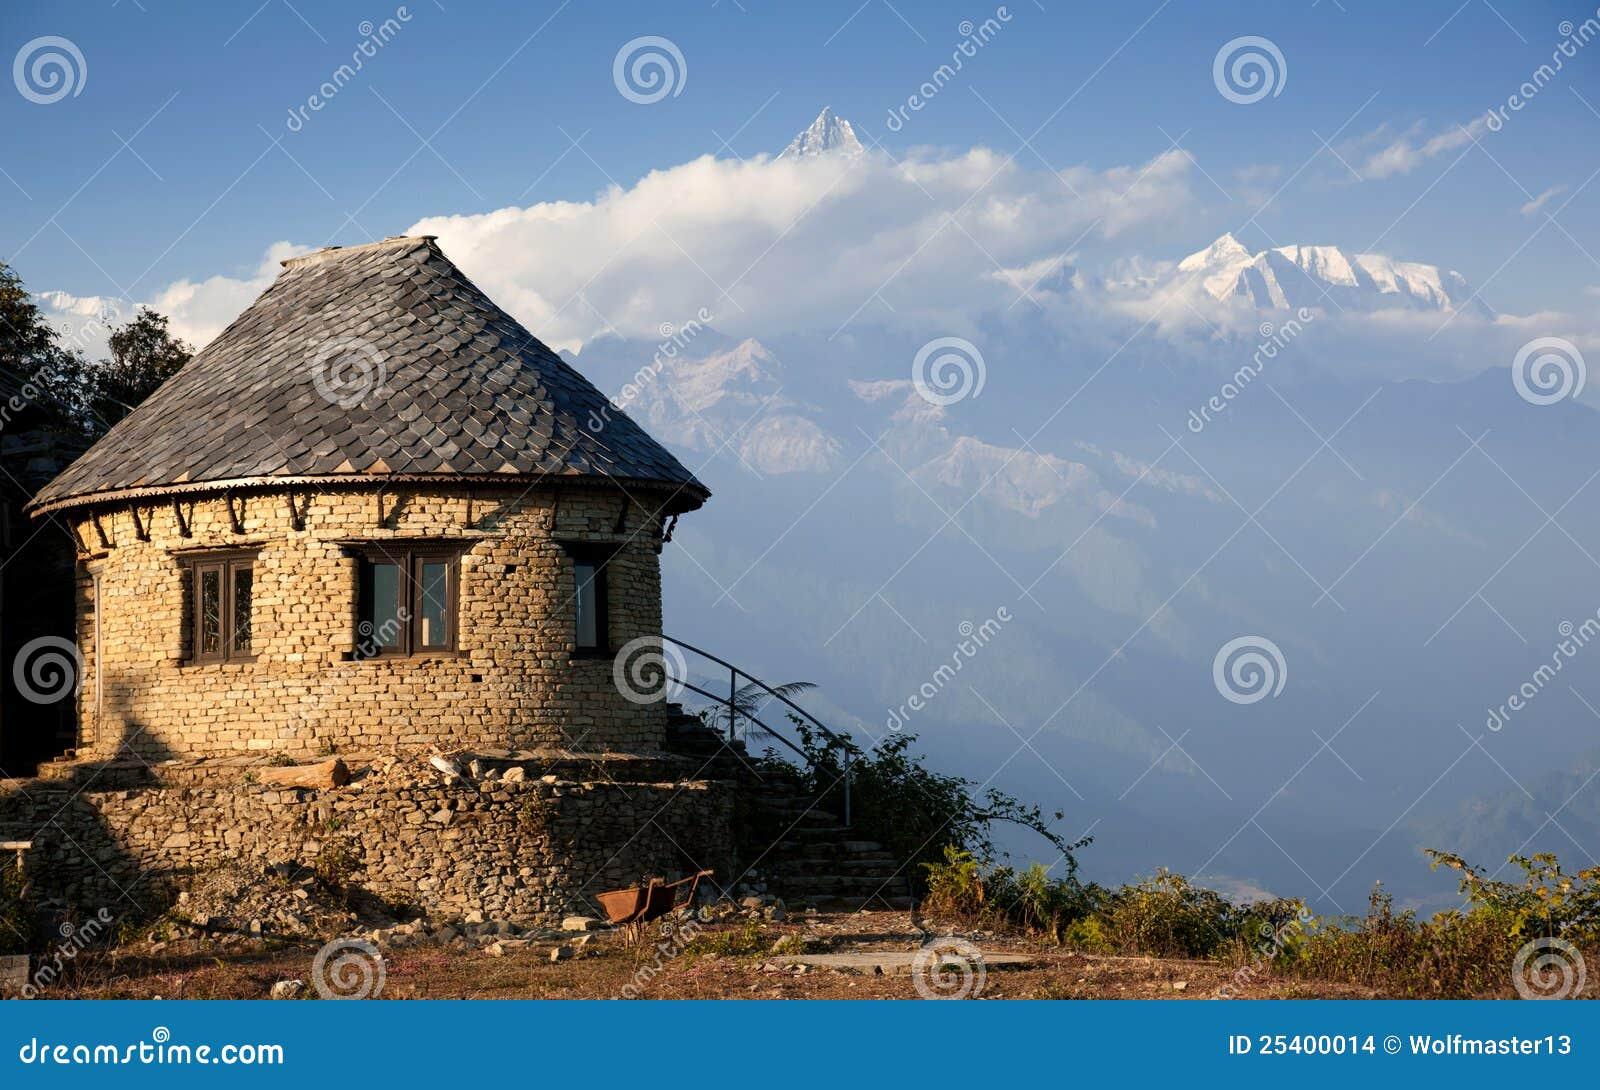 Beautiful House Near Himalayan Mountains Stock Images